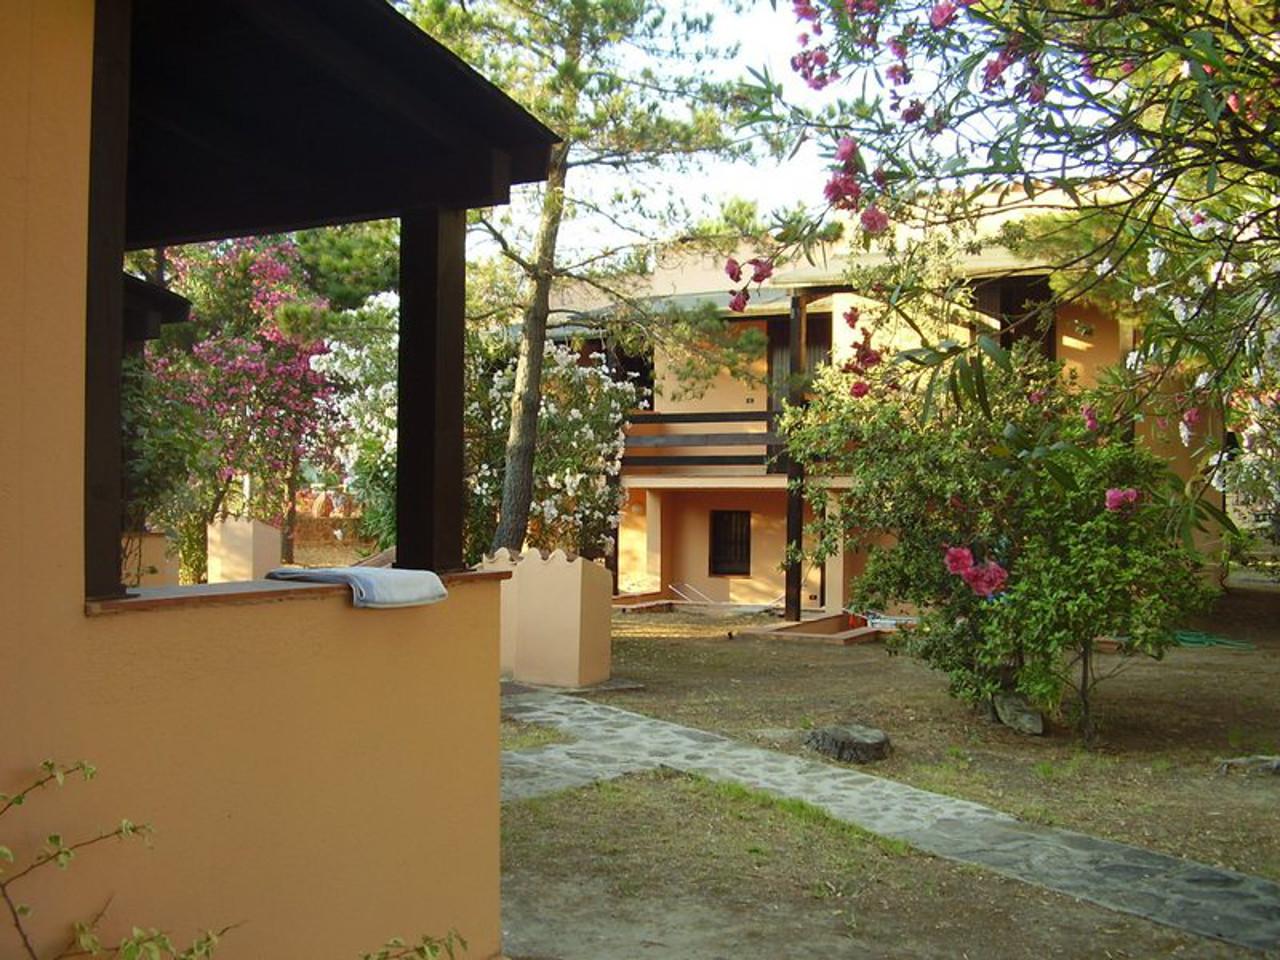 Residence sa playa budoni cerde a italia for Residence budoni